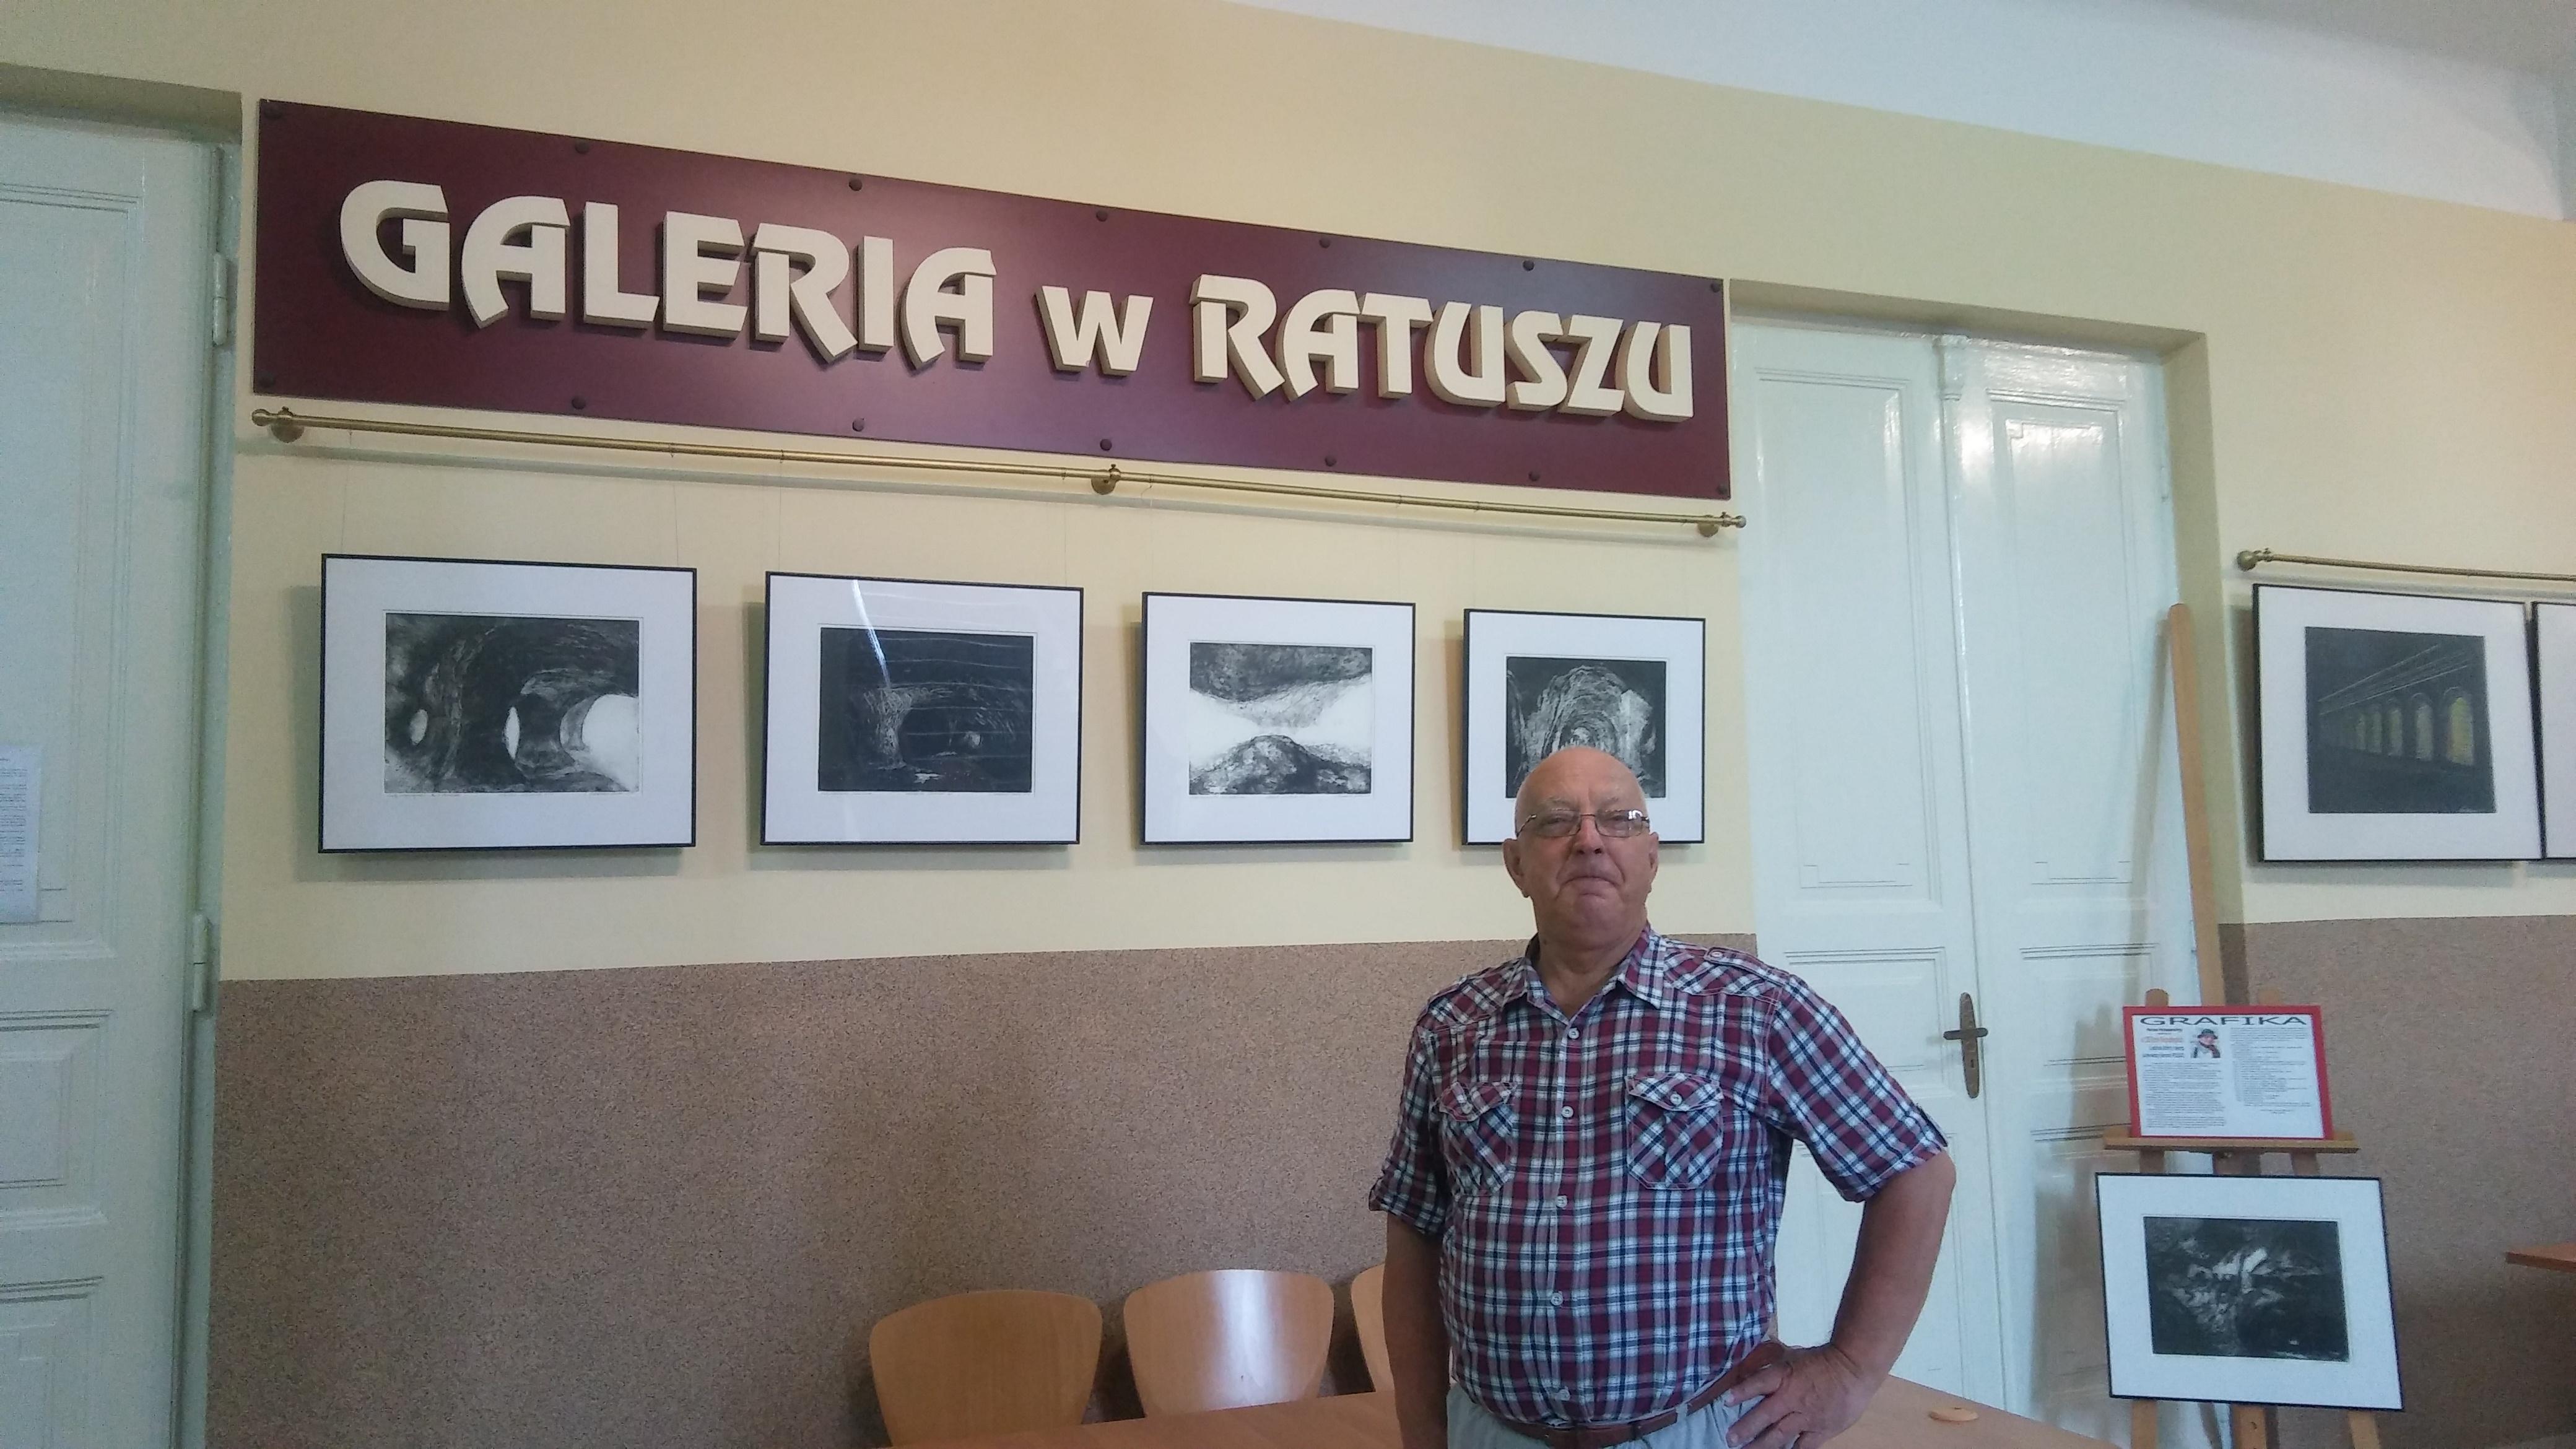 Zdjęcie artysty Matuszewskiego na tle wystawy